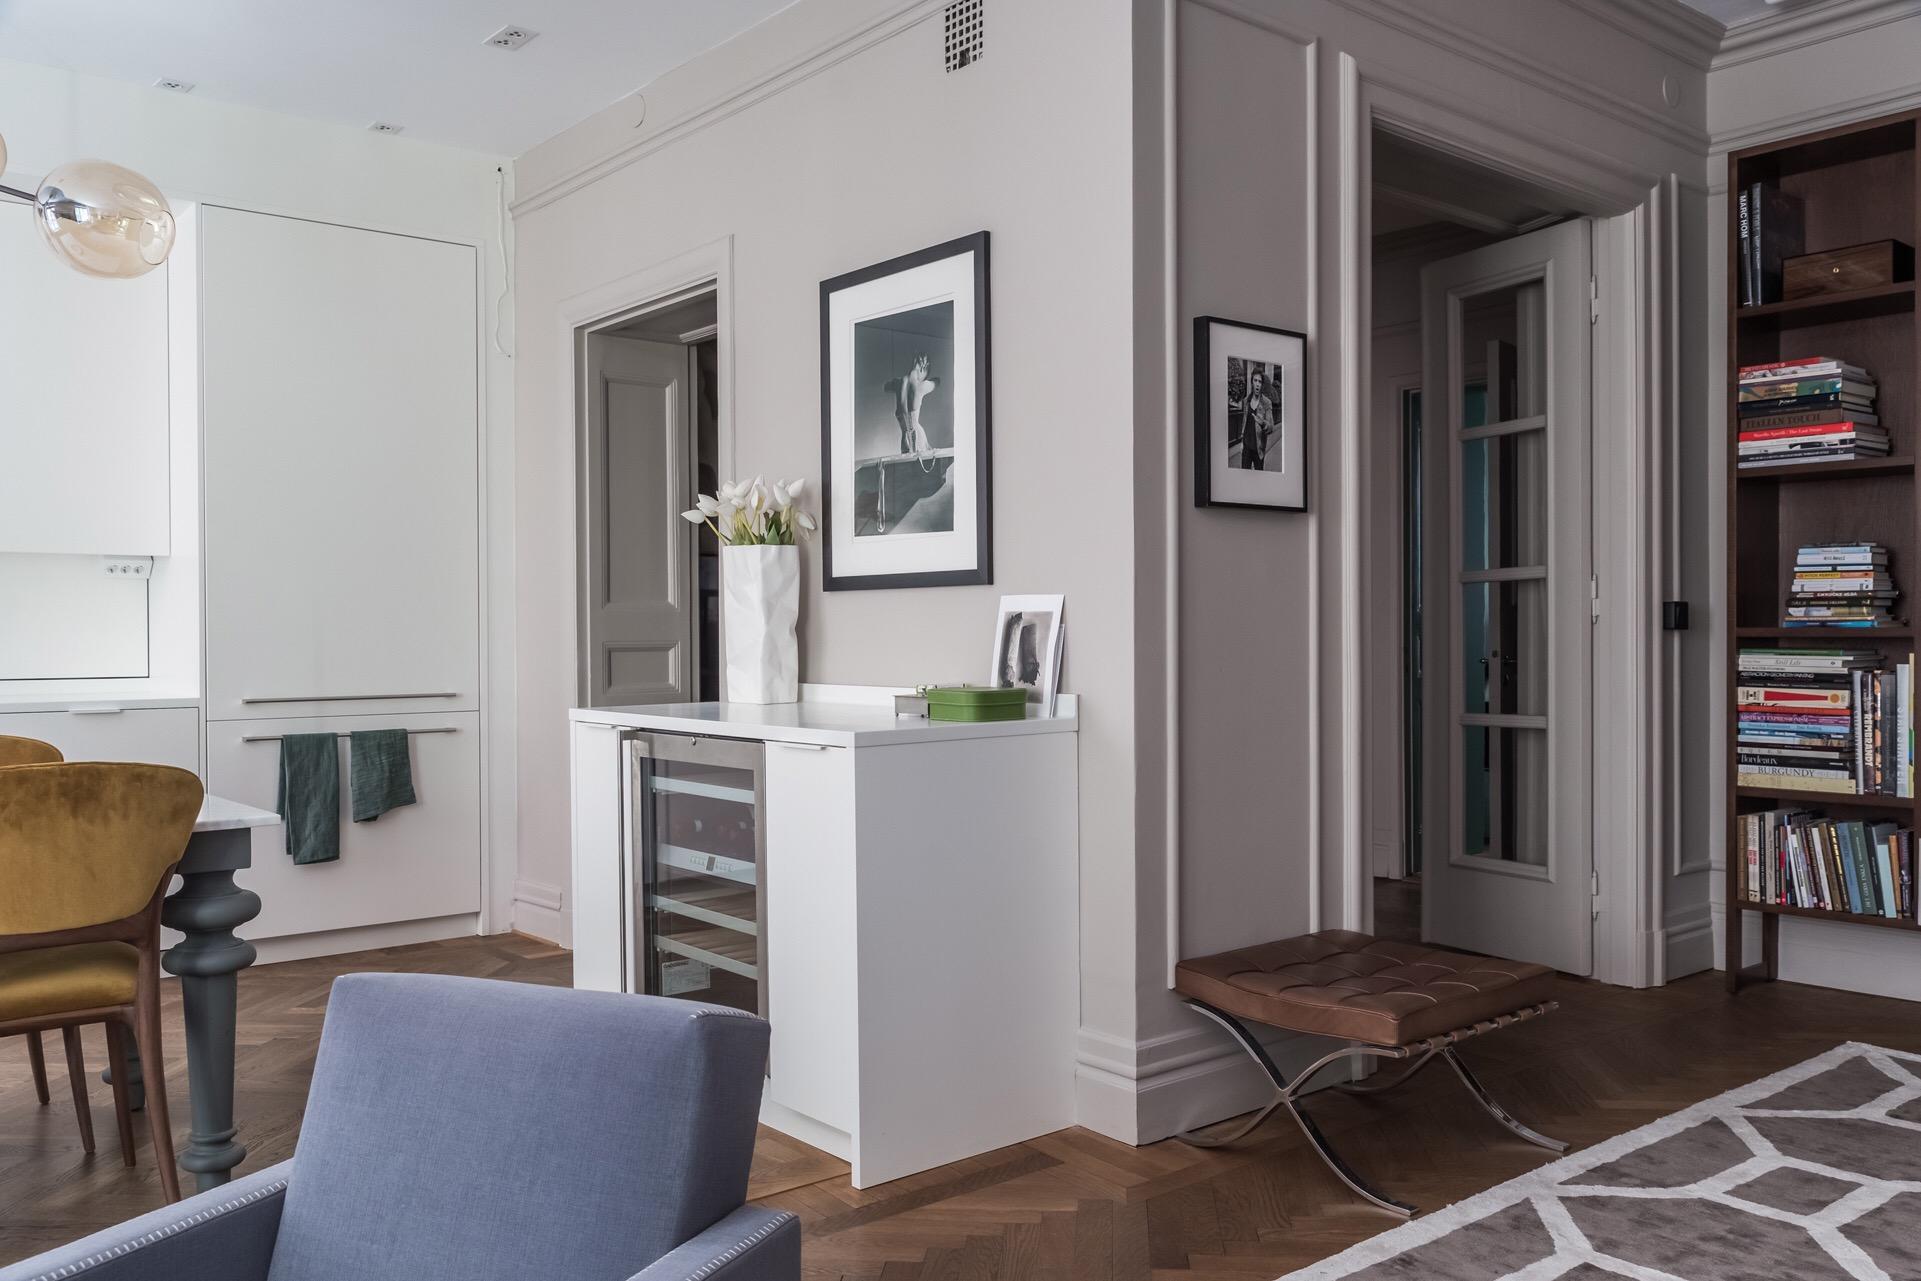 кухня гостиная винный шкаф коридор двери